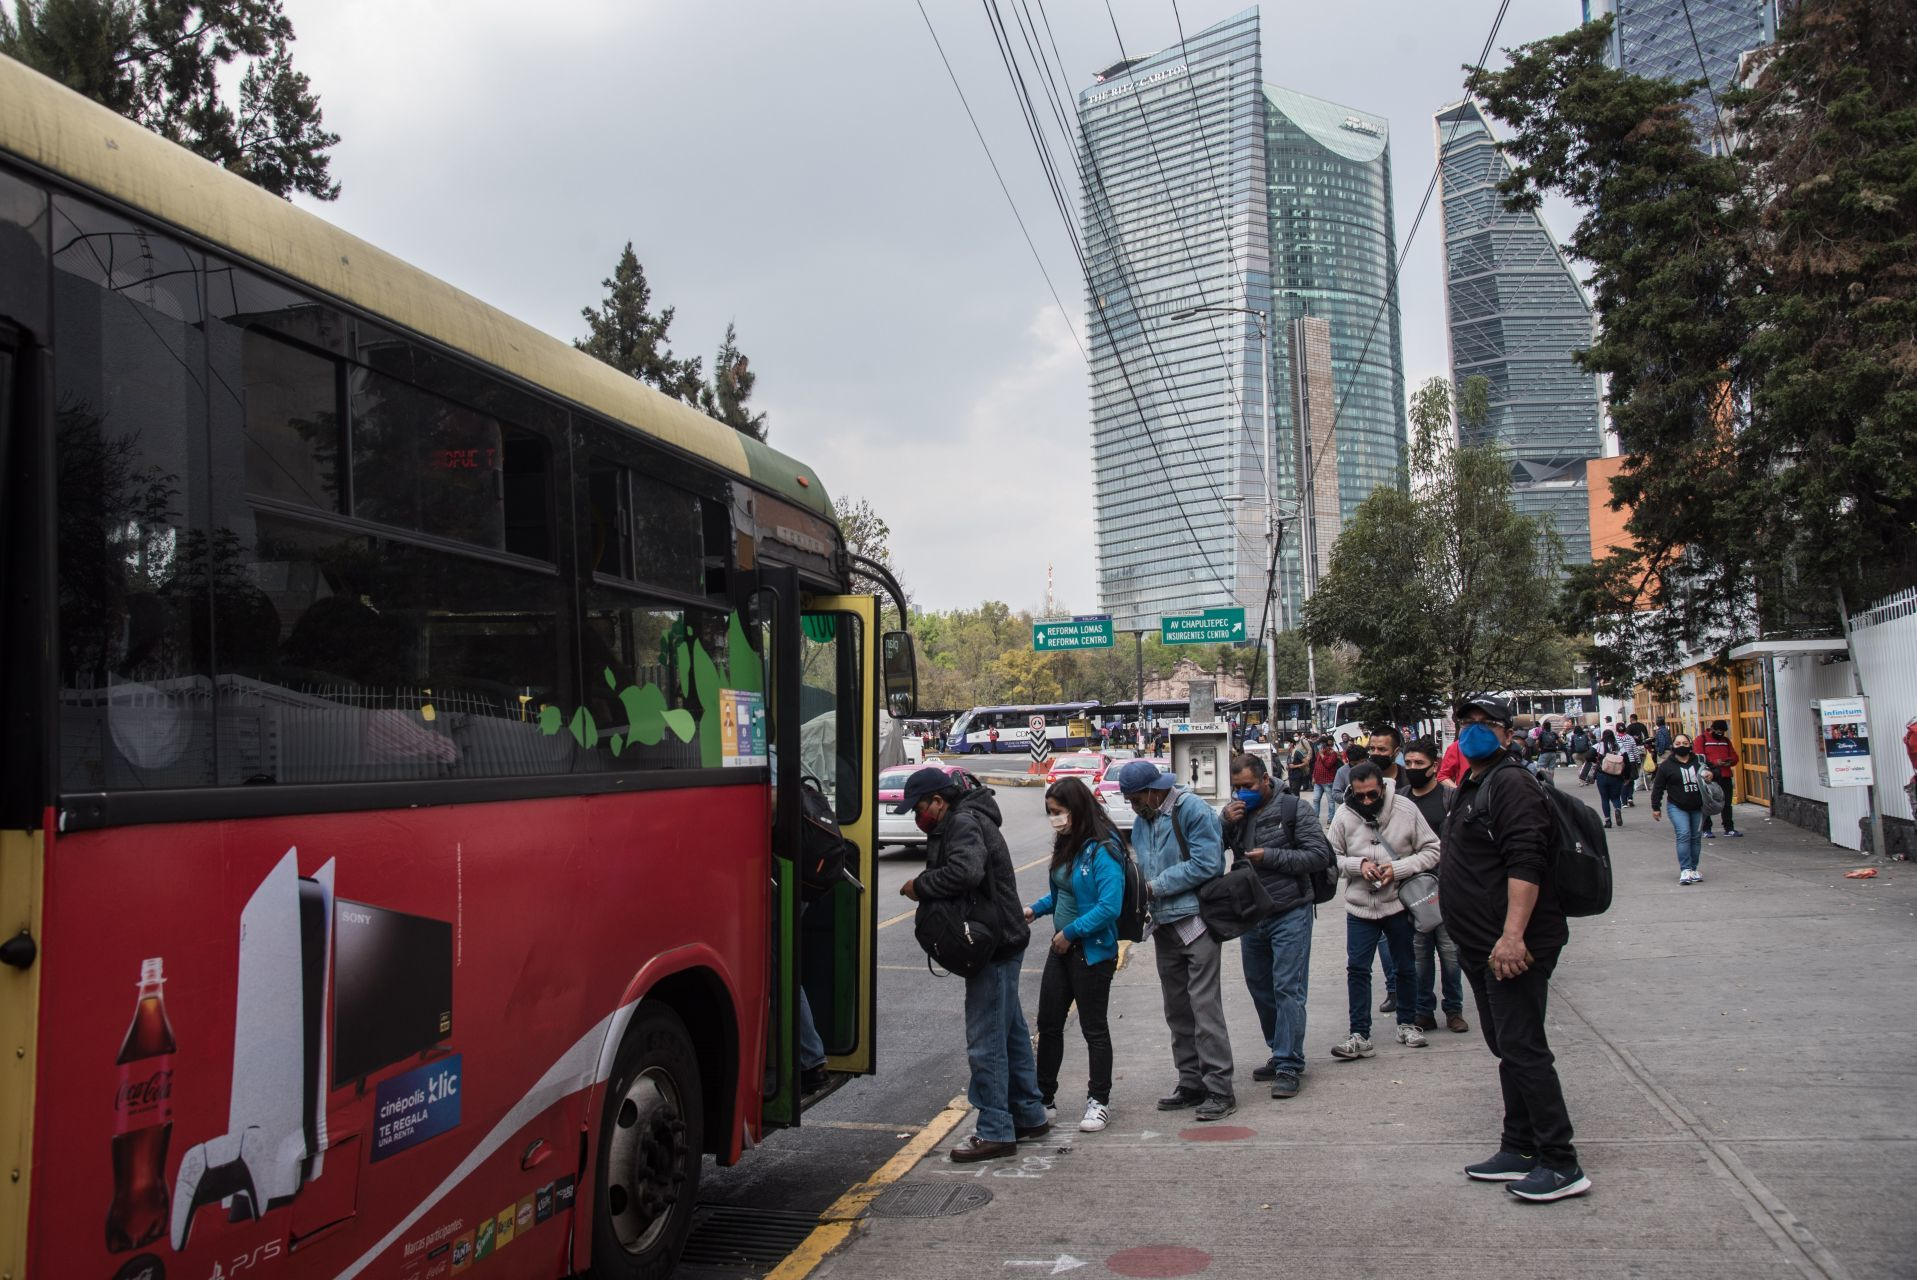 9 de enero de 2021. Ciudad de México. Unidades RTP y de la Secretaría de Seguridad Ciudadana (SSC) continúan con el apoyo en los traslados de personas debido a los cierres de estaciones del metro debido al incendio del Centro de Control ubicado en Delicias.